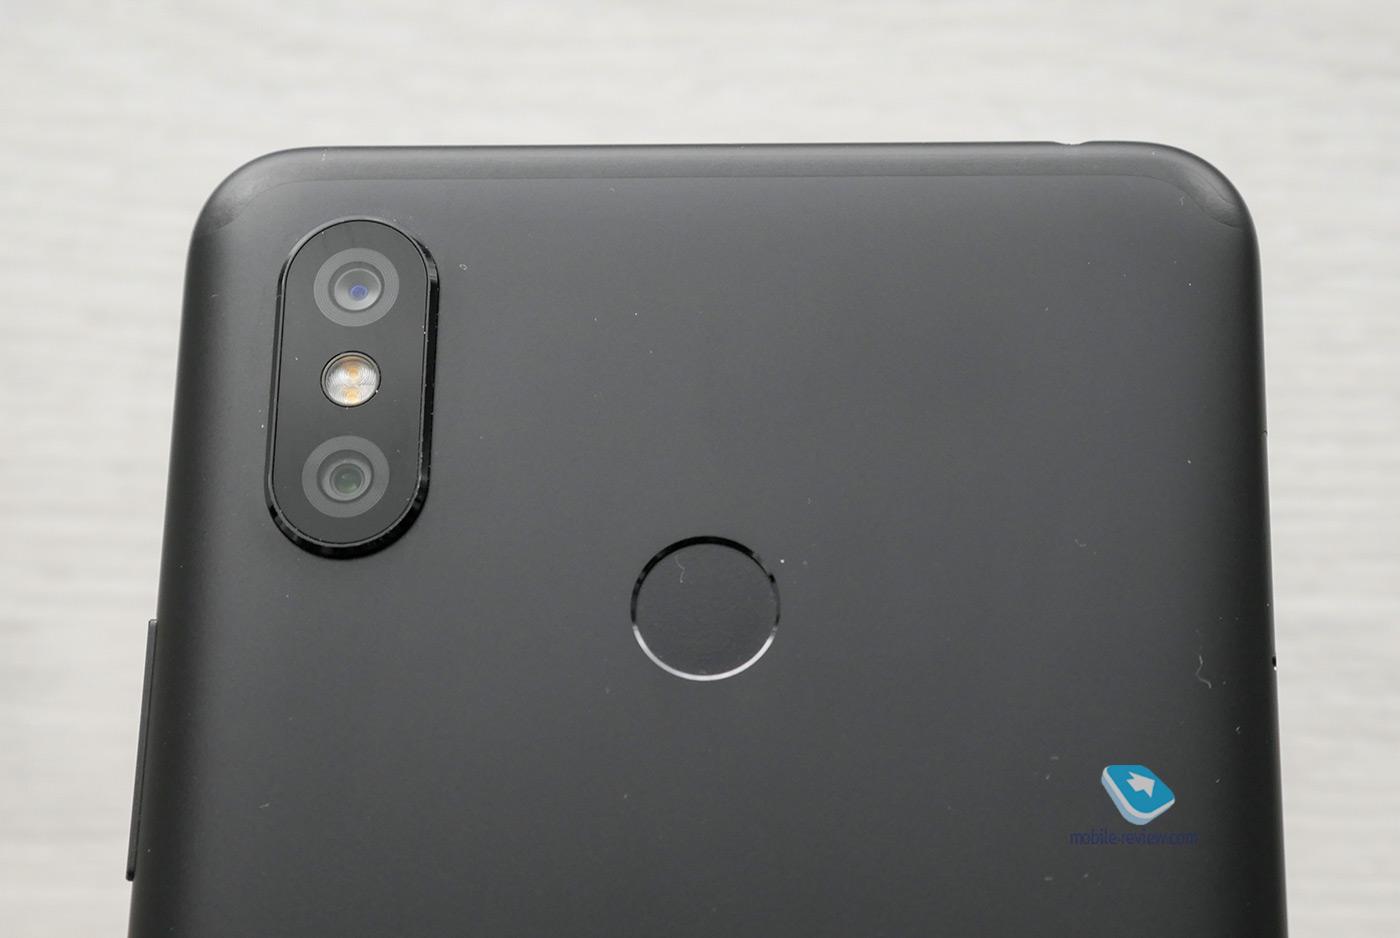 Mobile-review com Обзор смартфона Xiaomi Mi Max 3